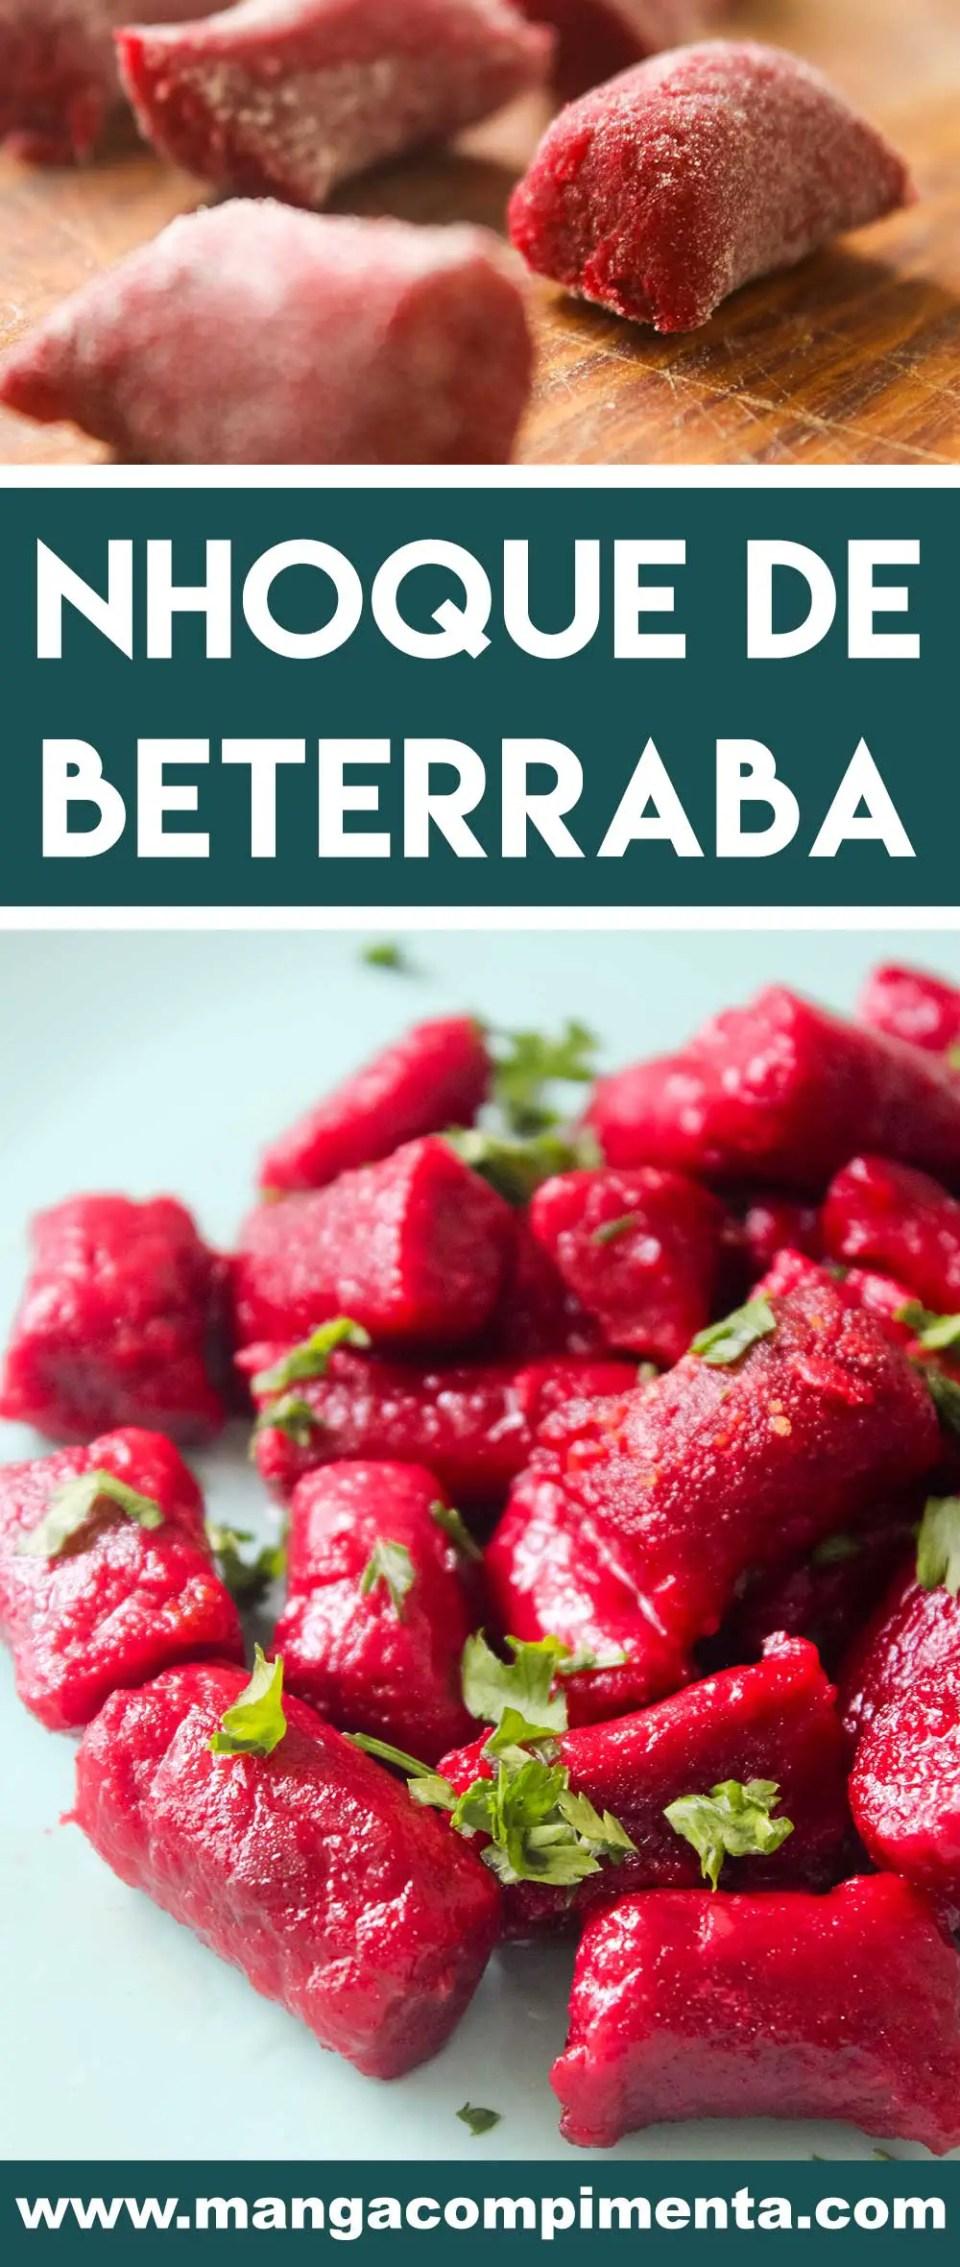 Receita de Nhoque de Beterraba - um prato delicioso para o final de semana em família.